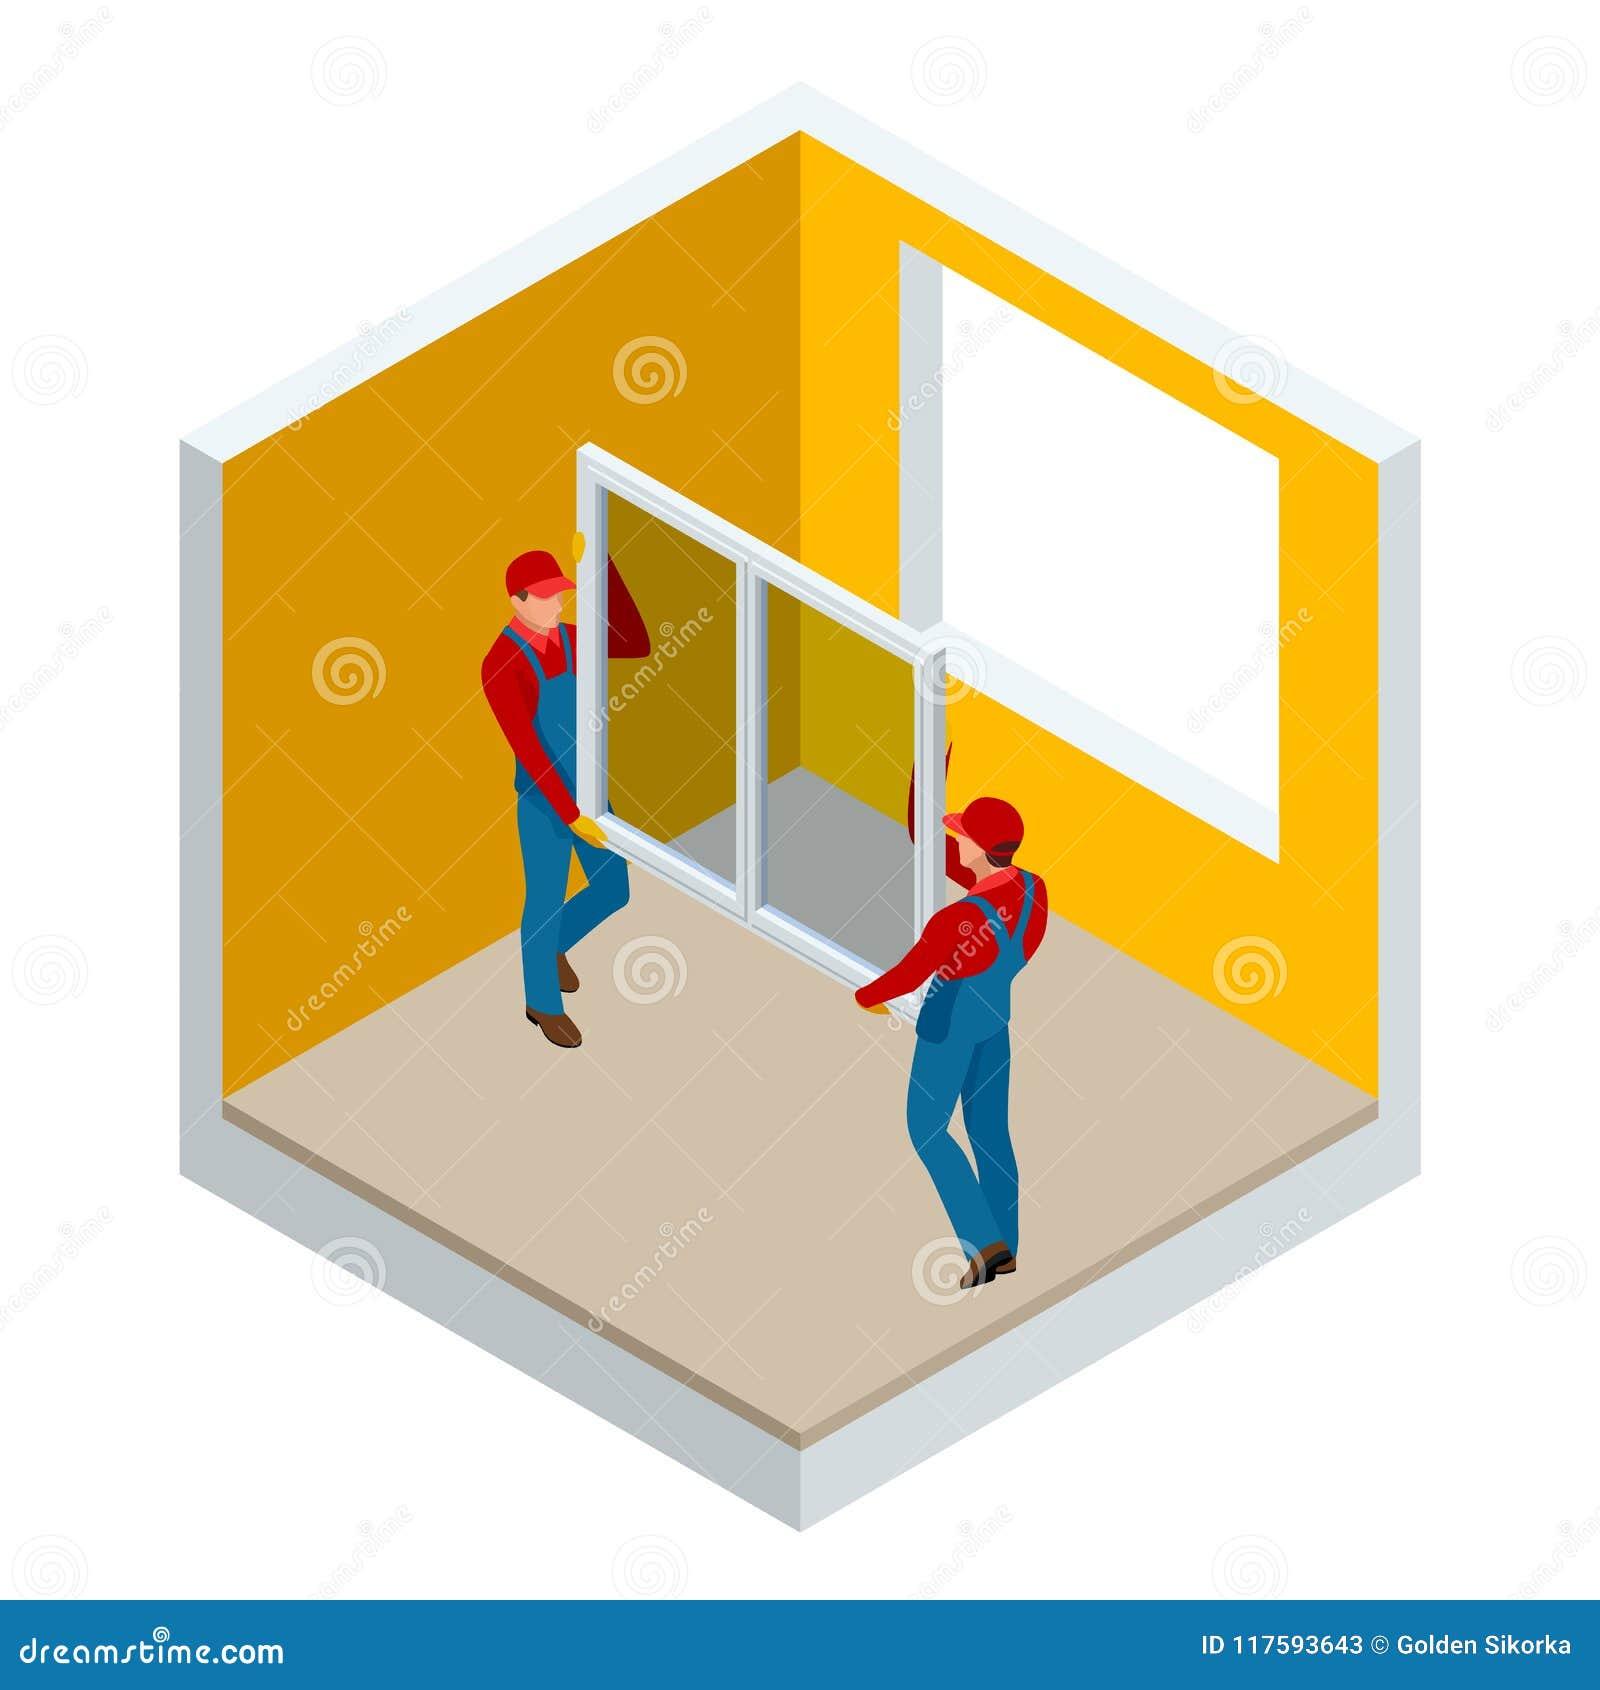 Isometrisk installation av fönster i hus- eller lägenhetbegreppet Två arbetare i blå arbetskläder ställde in ett nytt fönster